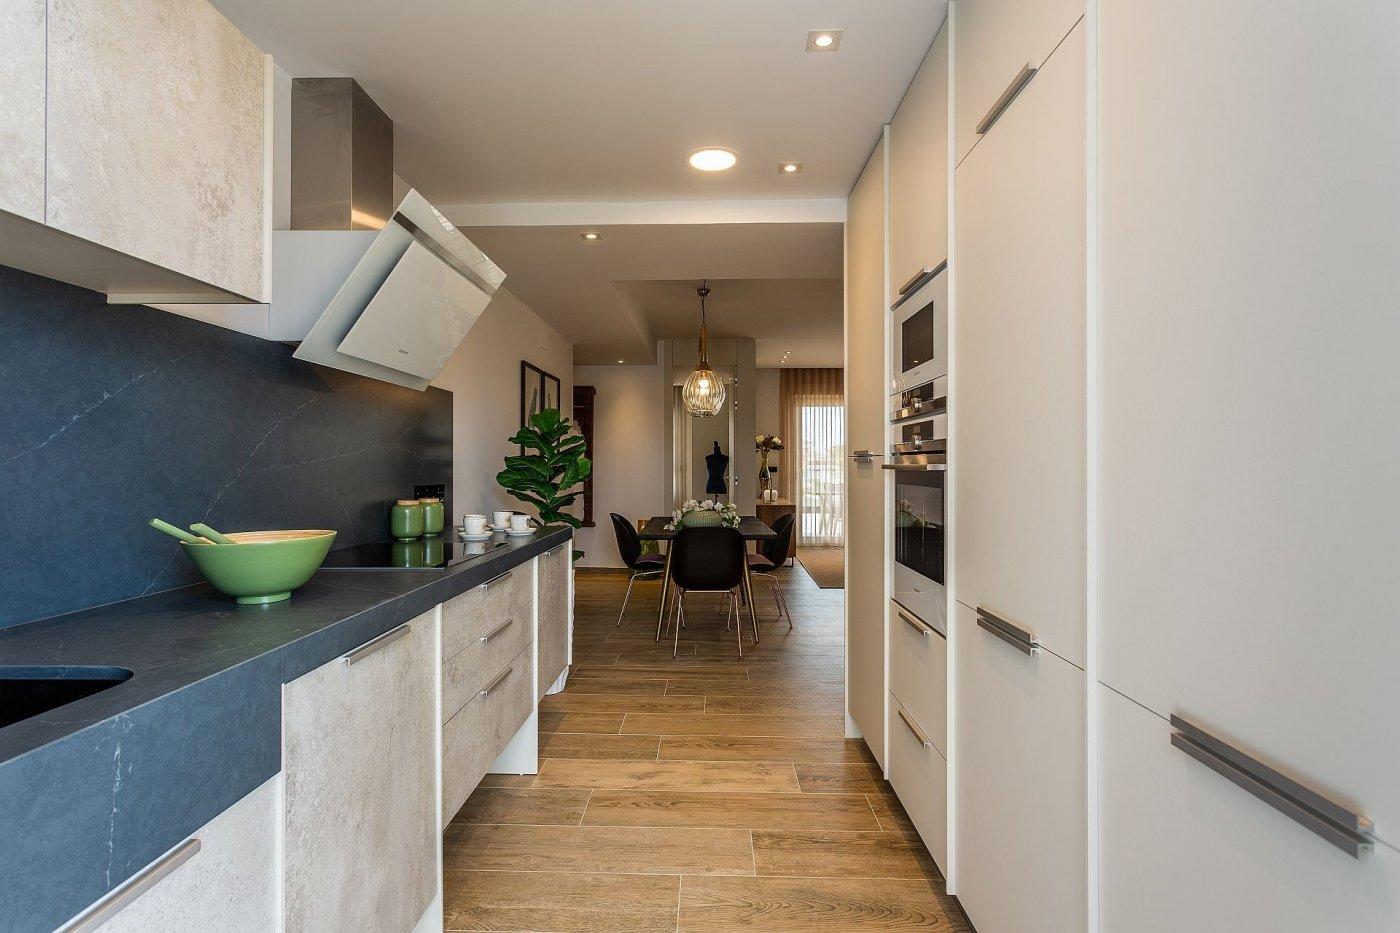 Complejo residencial de obra nueva en punta prima - imagenInmueble10